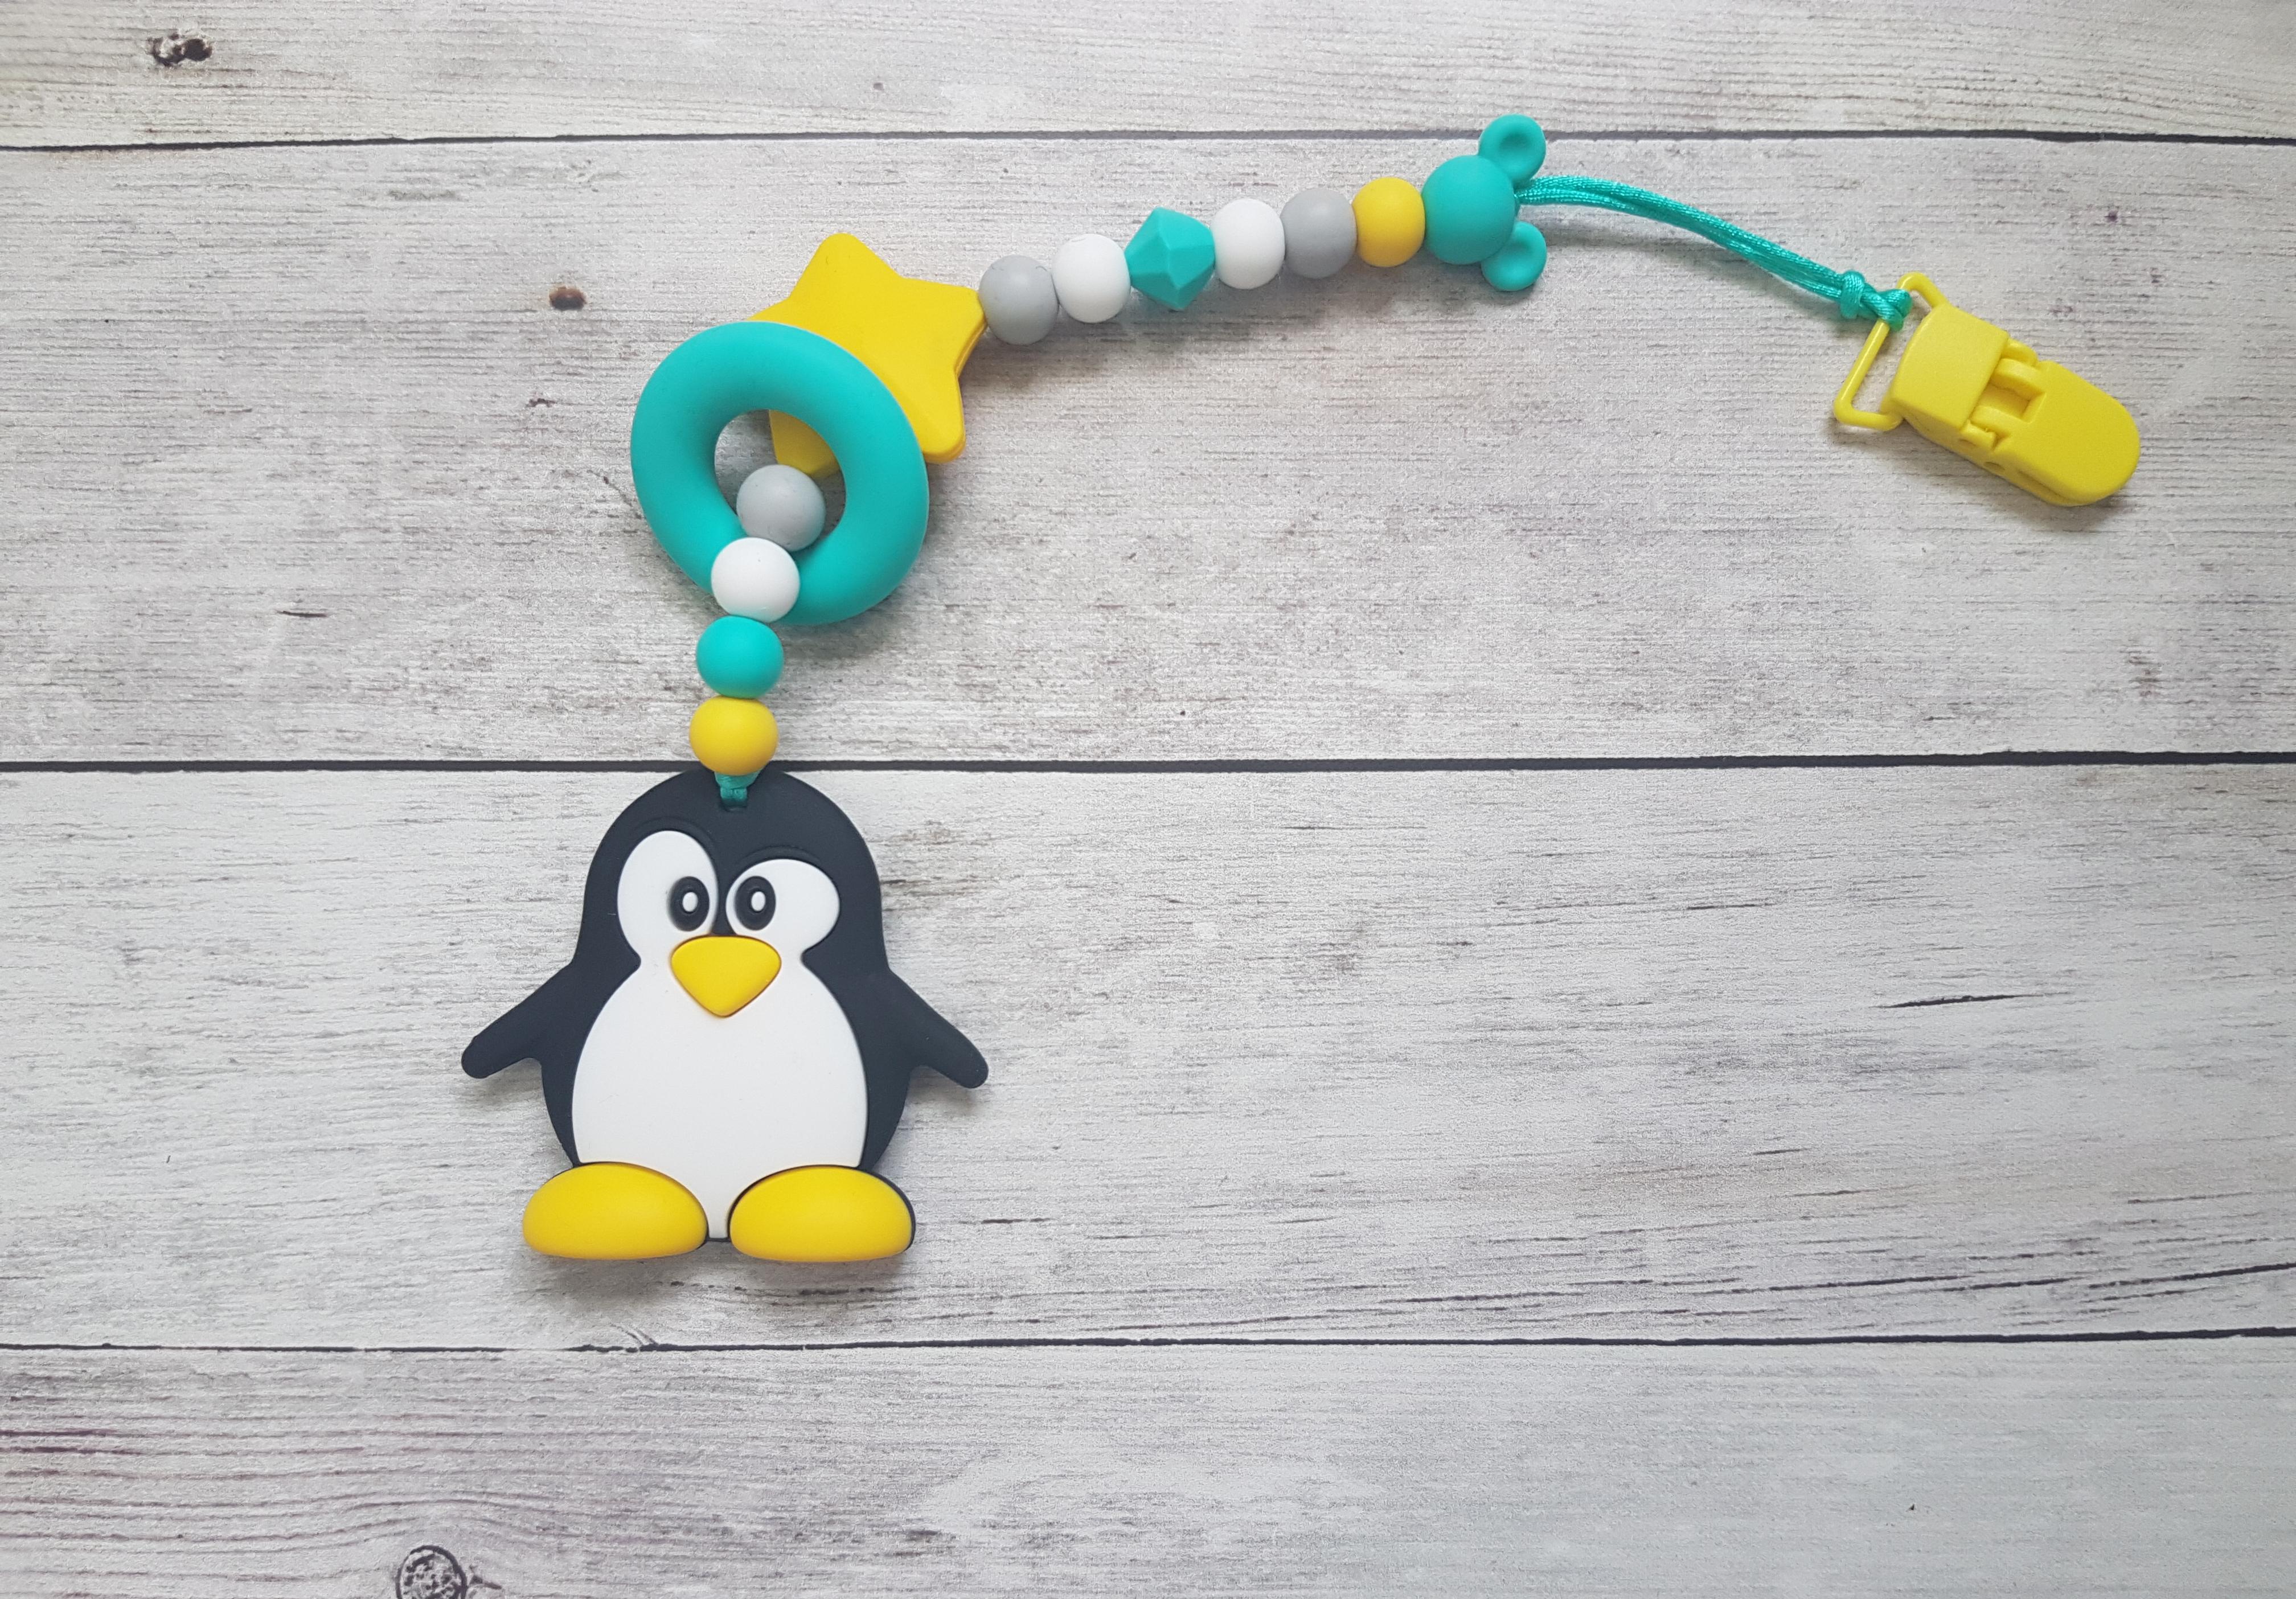 Egy ágú színes rágóka (pingvin)